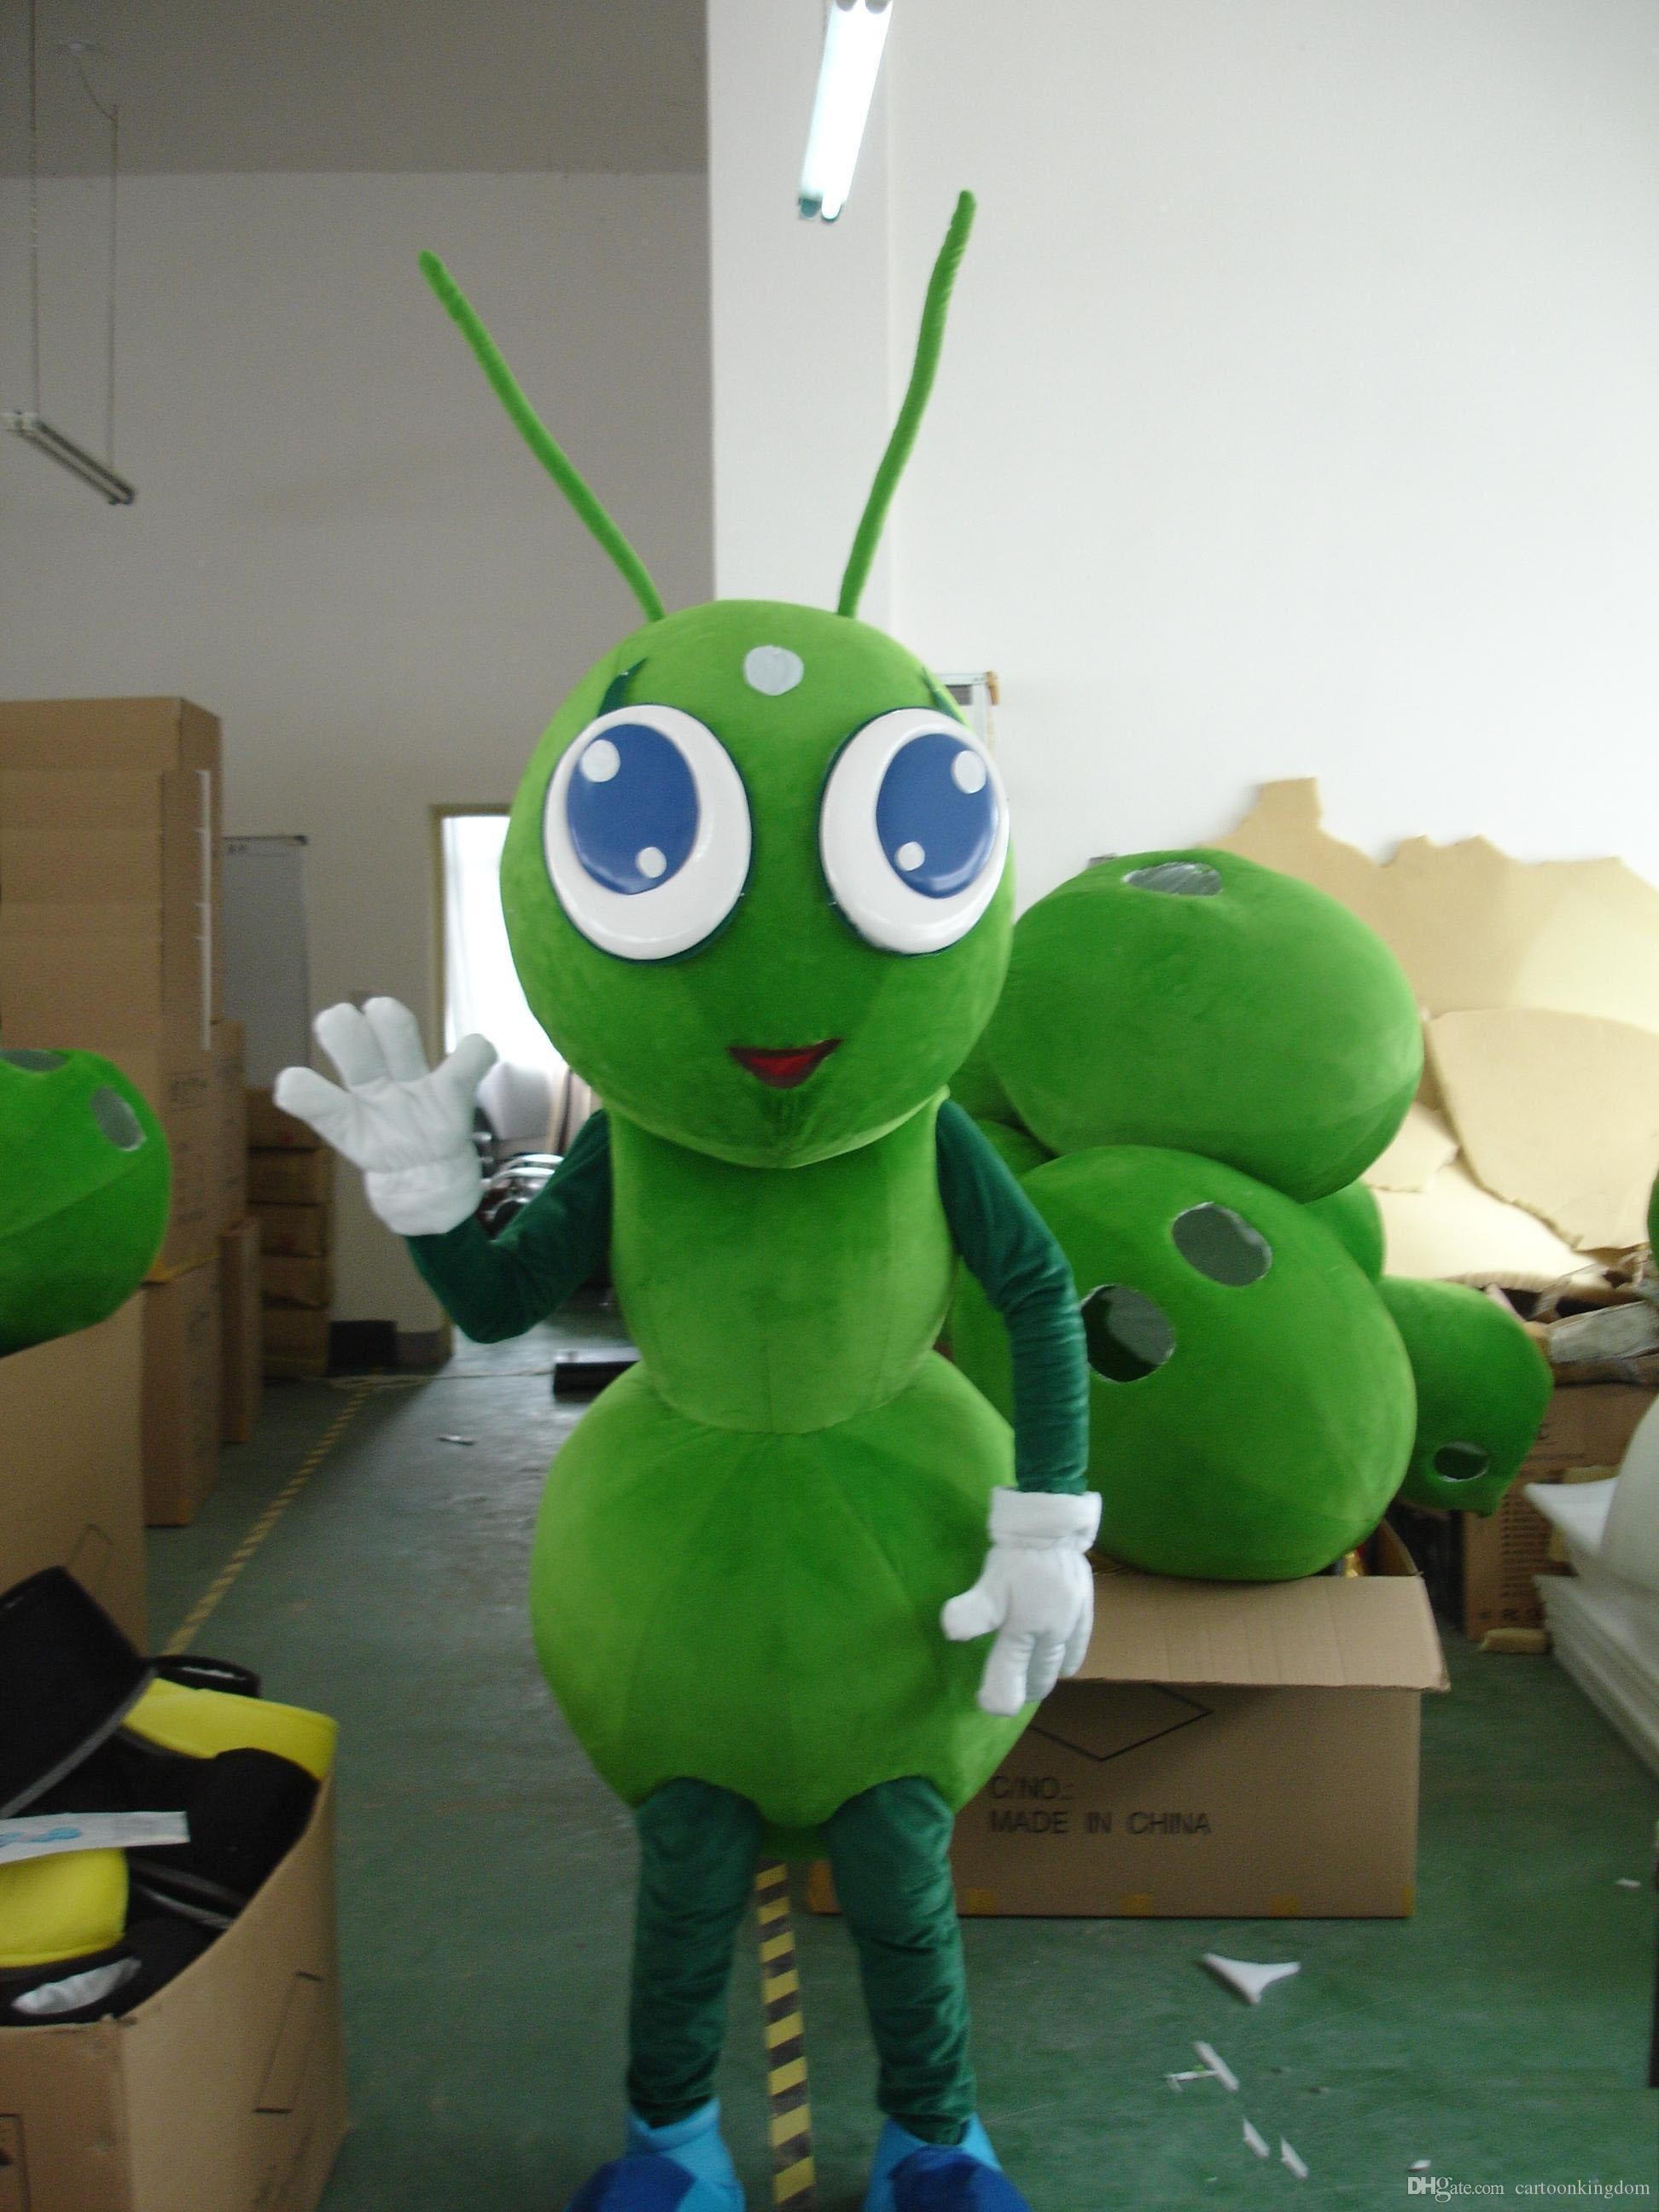 Alta qualidade mascot costume 100% real imagem ant traje da mascote para adulto frete grátis